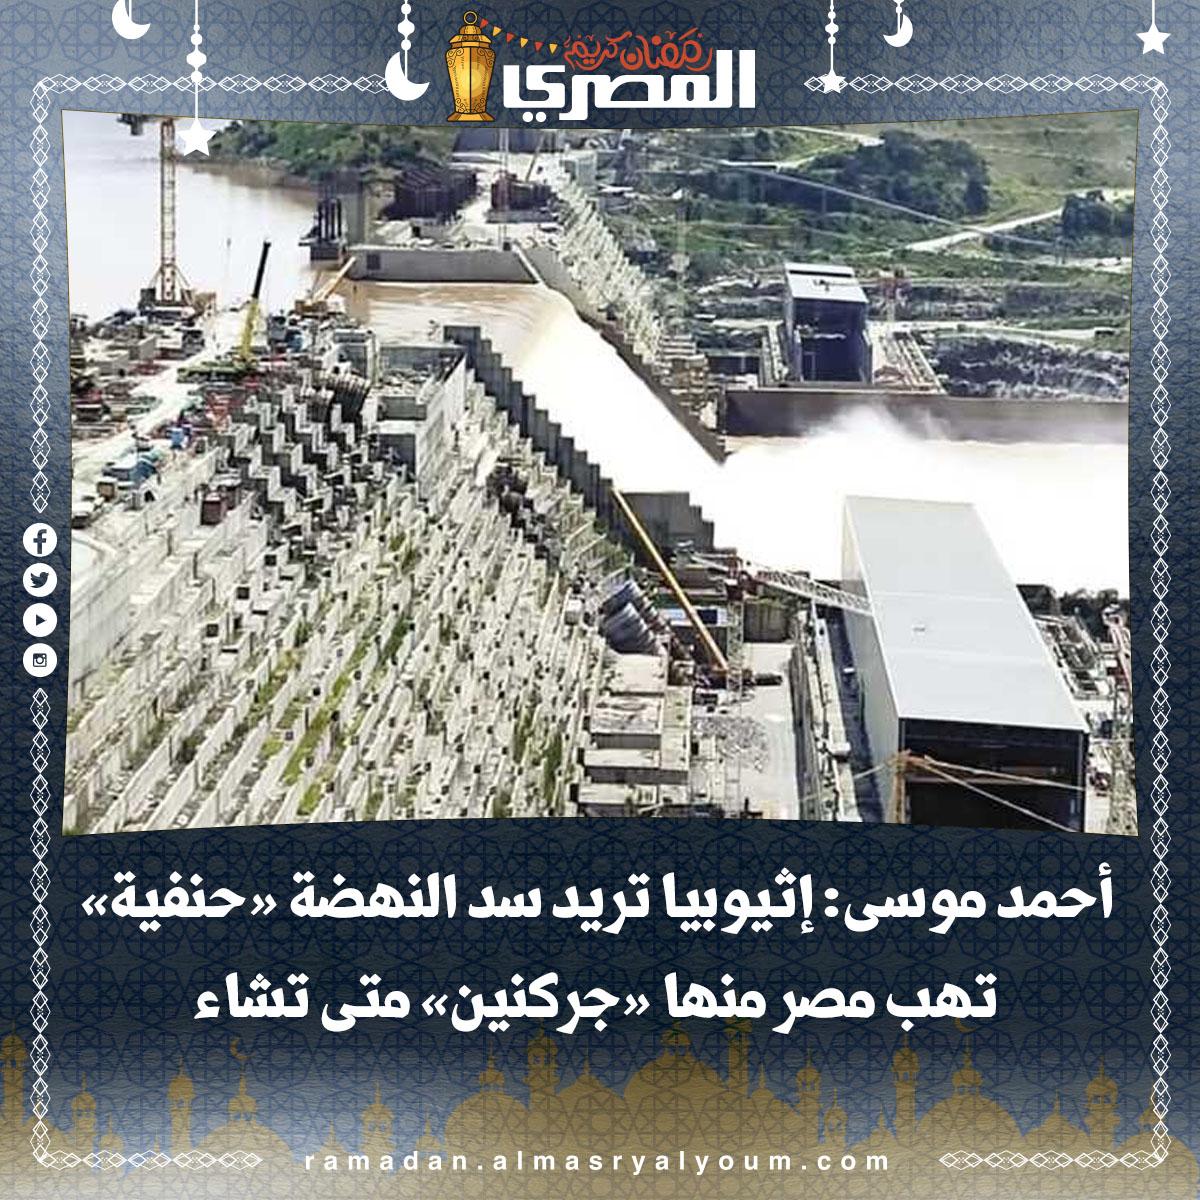 بالفيديو أحمد موسى إثيوبيا تريد سد النهضة «حنفية» تهب مصر منها «جركنين» متى تشاء